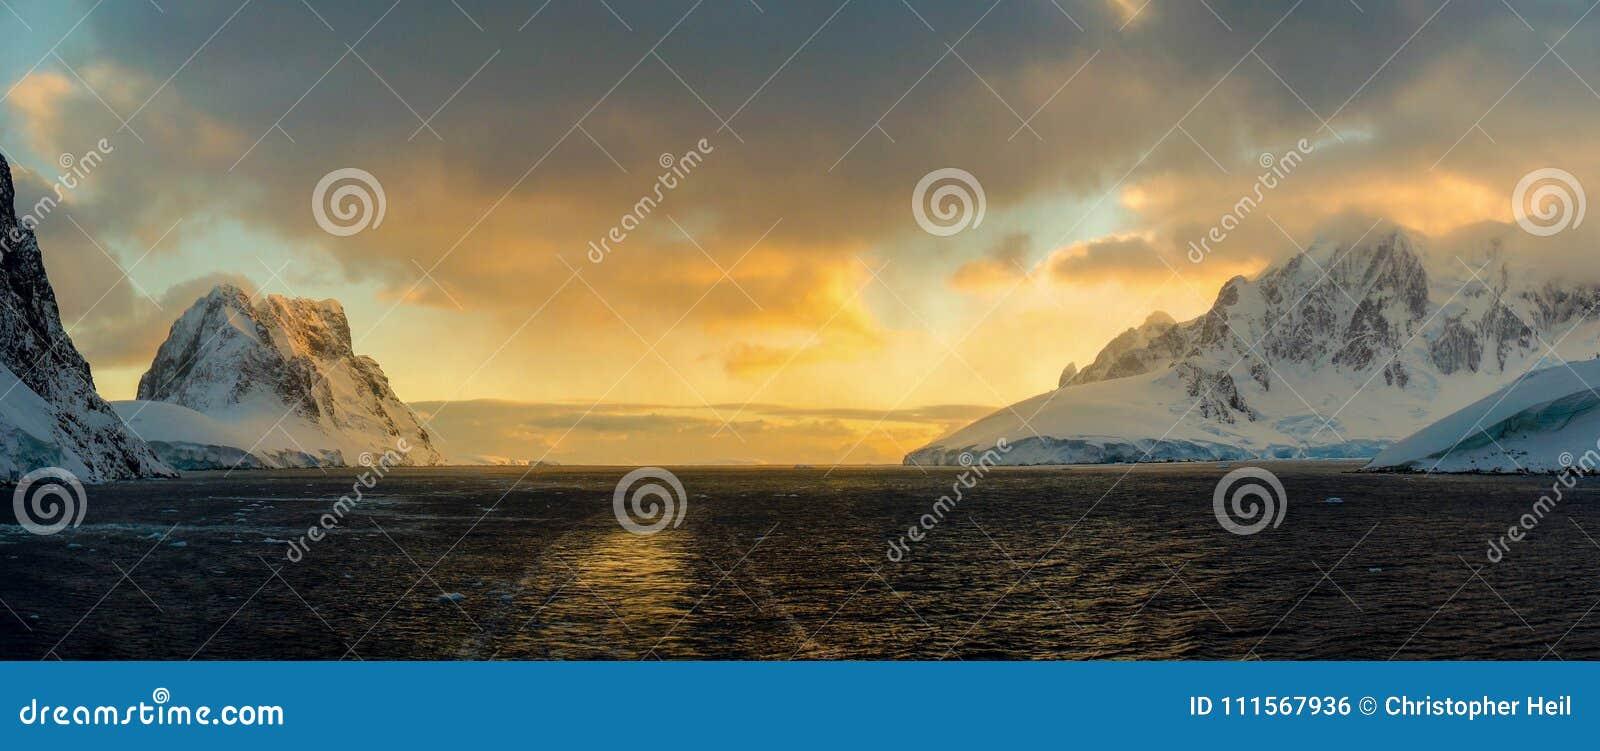 Montagnes couvertes par neige dans la Manche de Lemaire, Antarctique